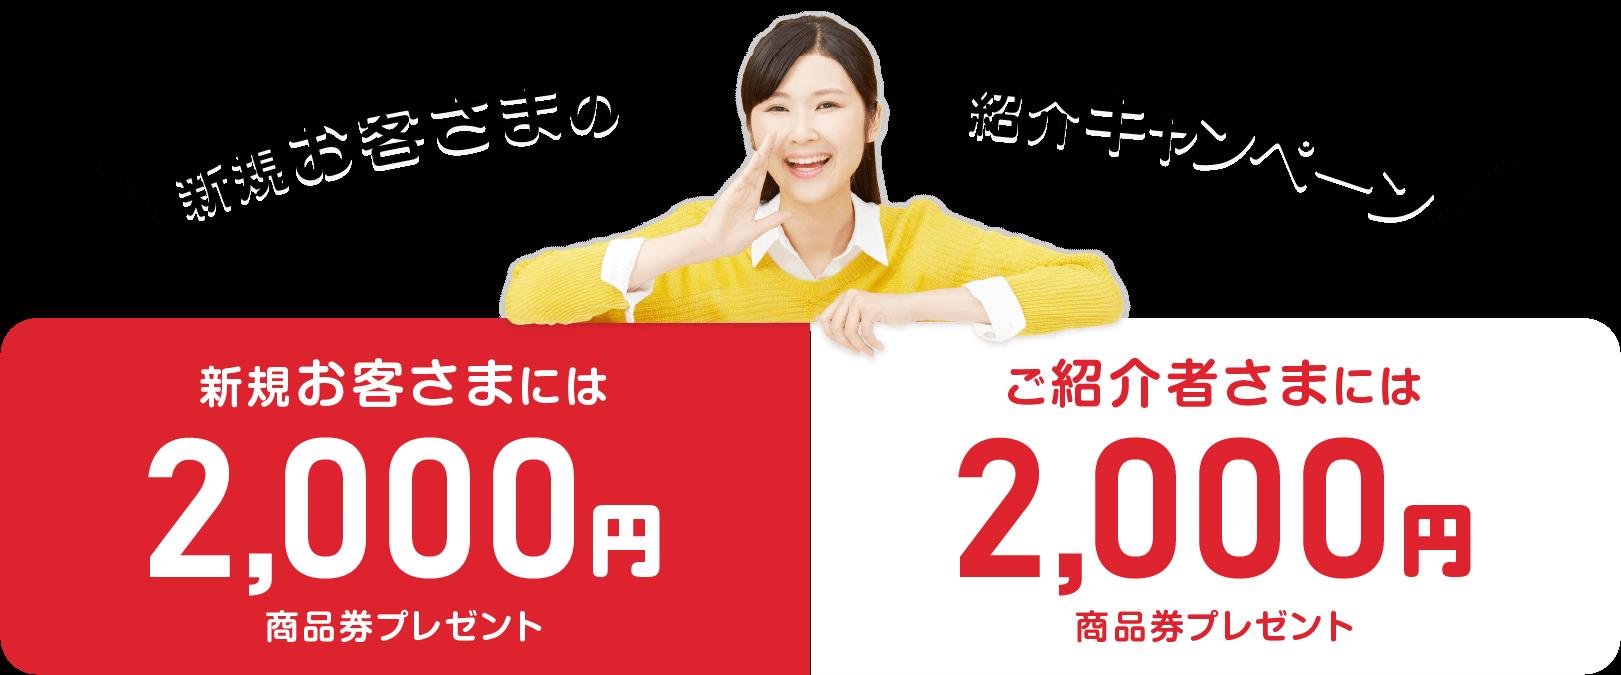 新規お客様の紹介キャンペーン 新規お客様には2000円の商品券をプレゼント。ご紹介様にも2000円の商品券をプレゼント